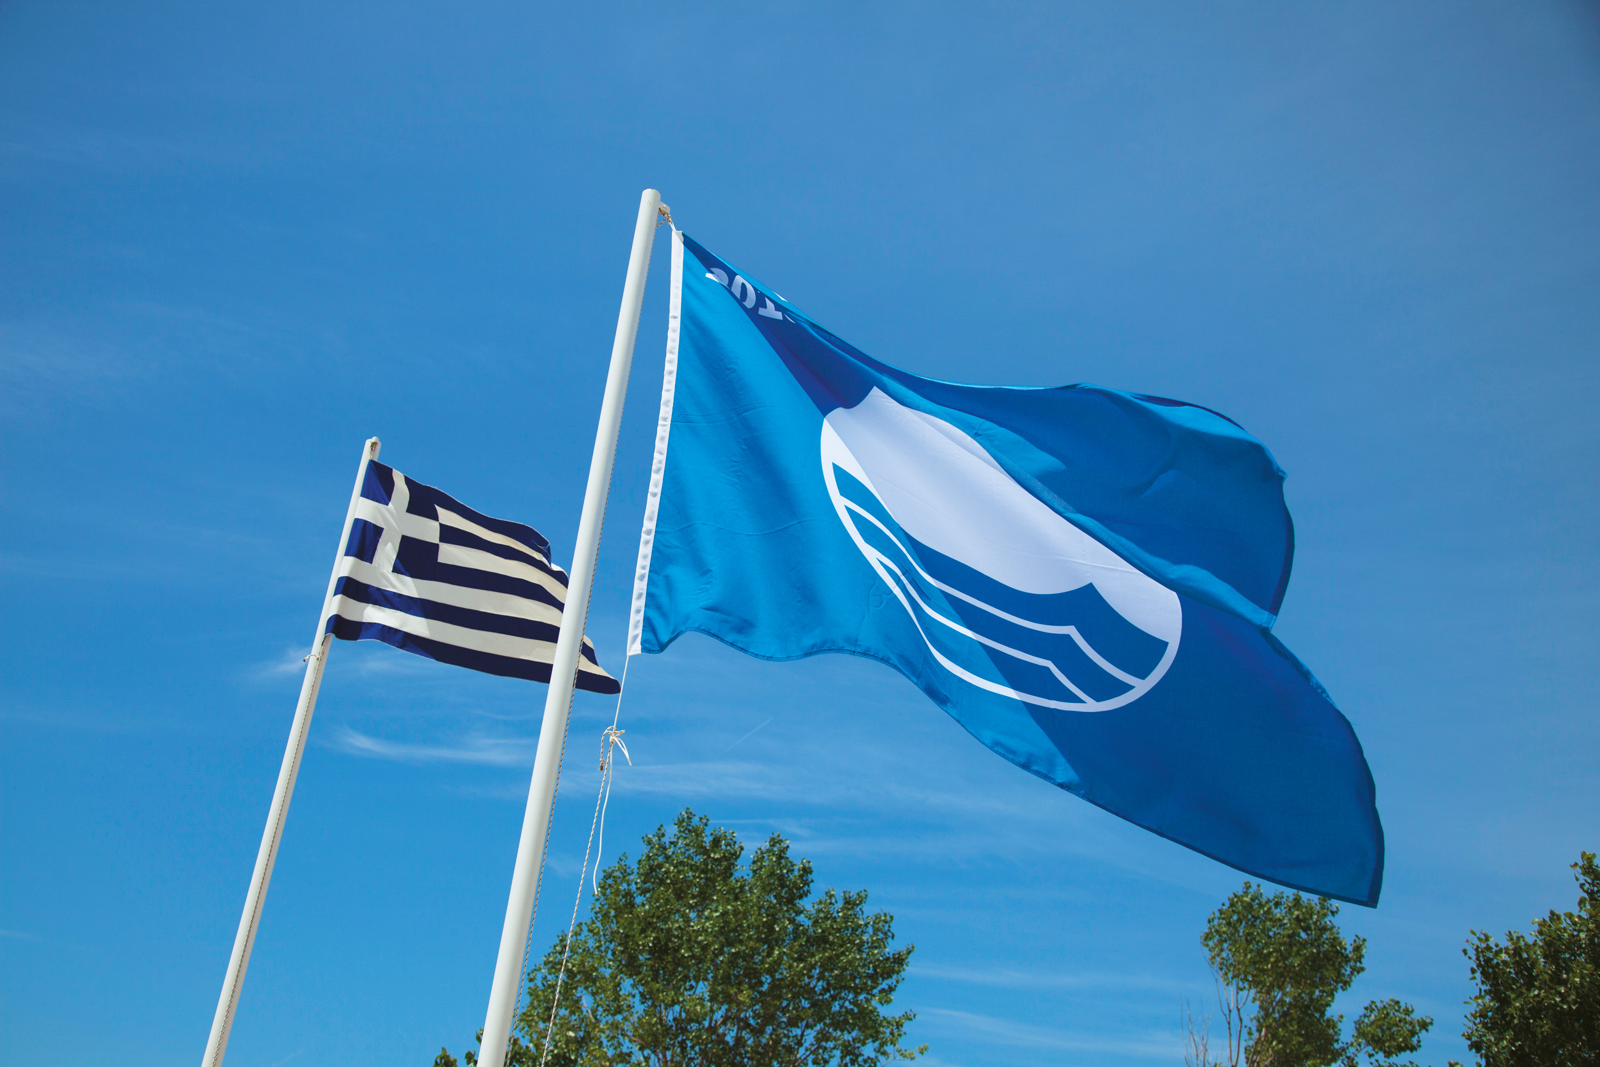 γαλαζιες, σημαιες, blue flags, αγσ